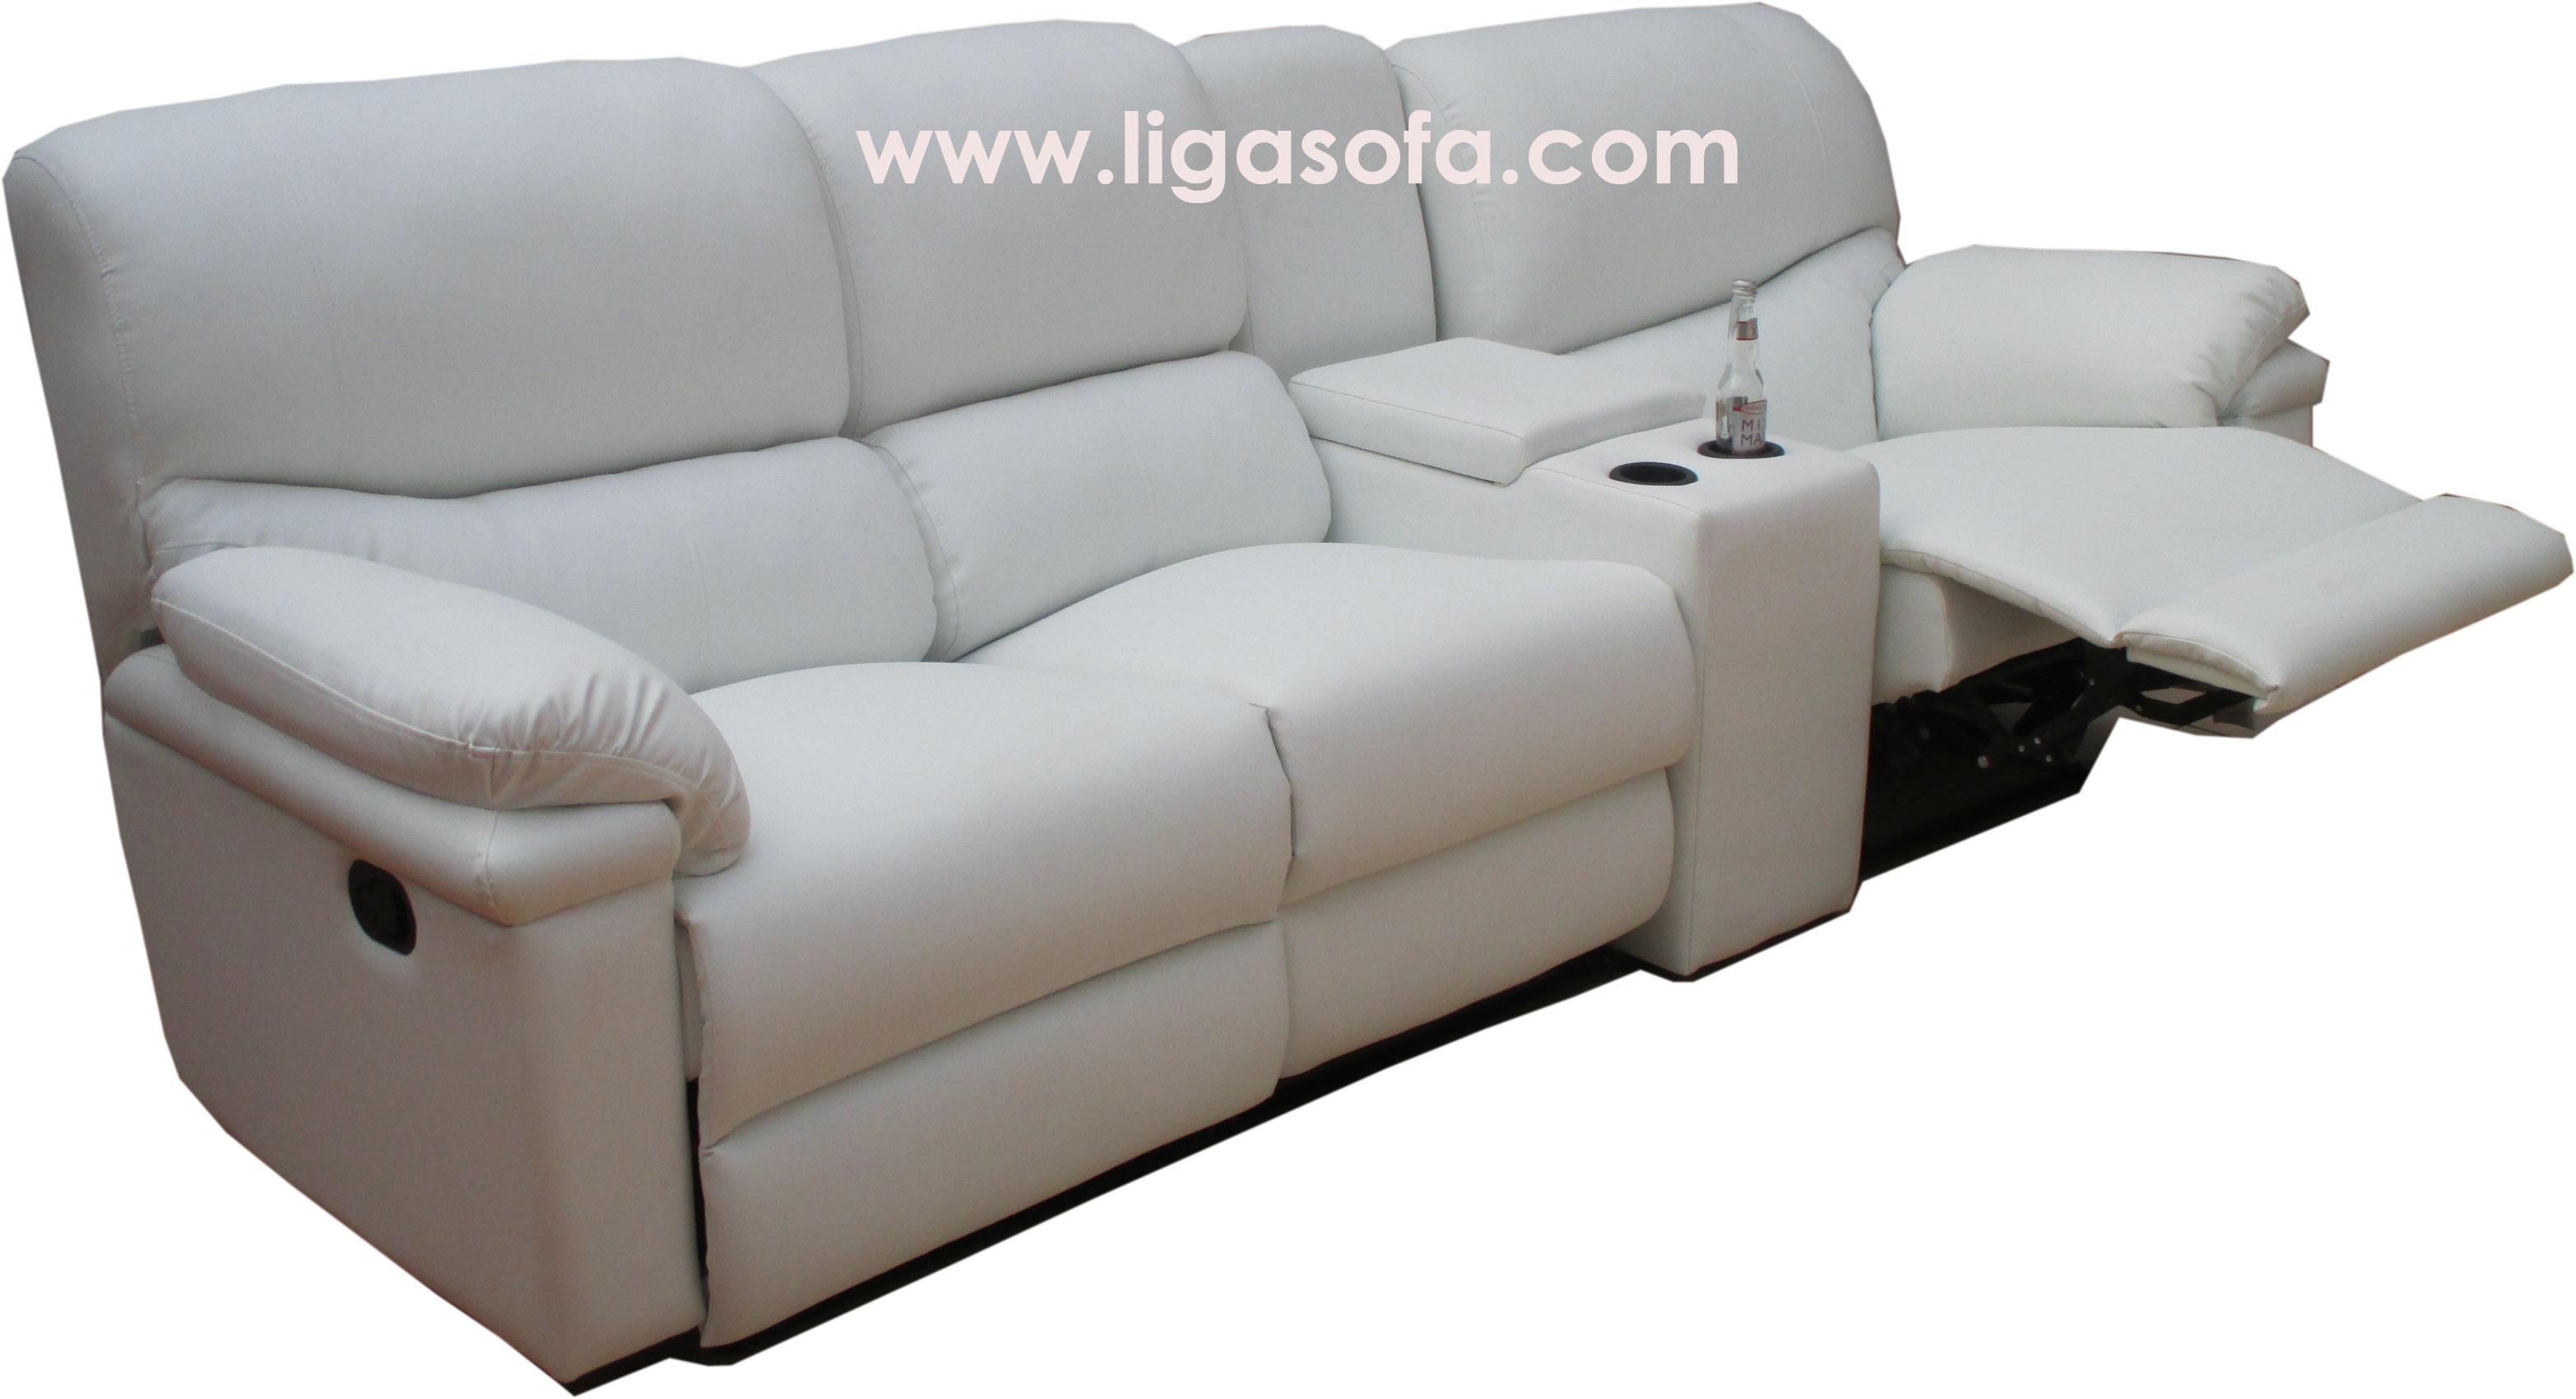 Jual Sofa Reclining Murah Review